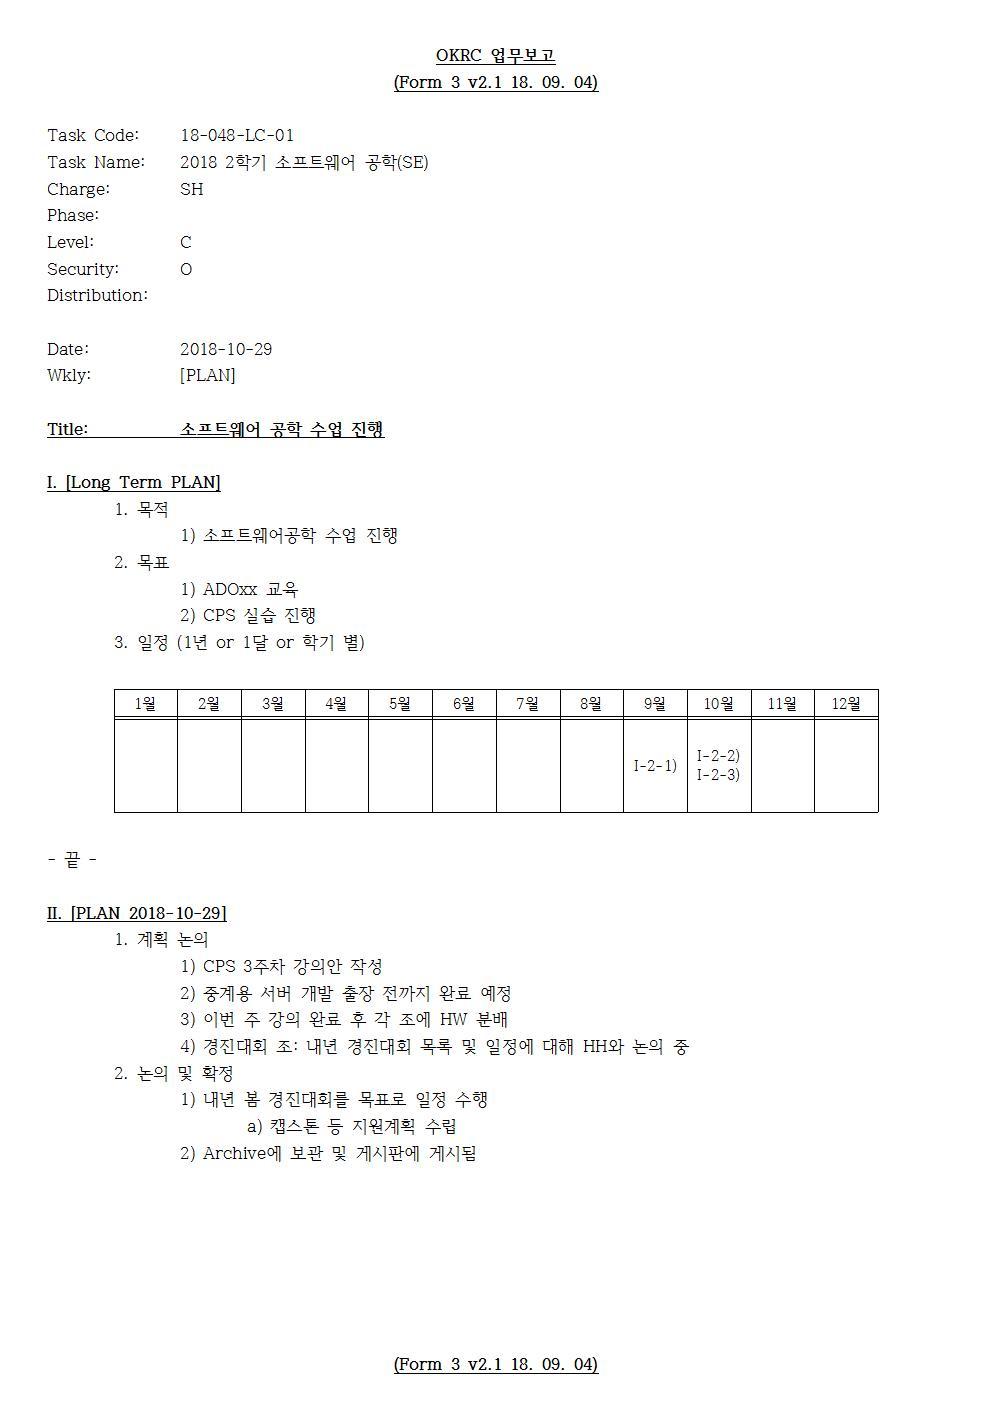 D-[18-048-LC-01]-[SE]-[2018-10-29][SH]001.jpg